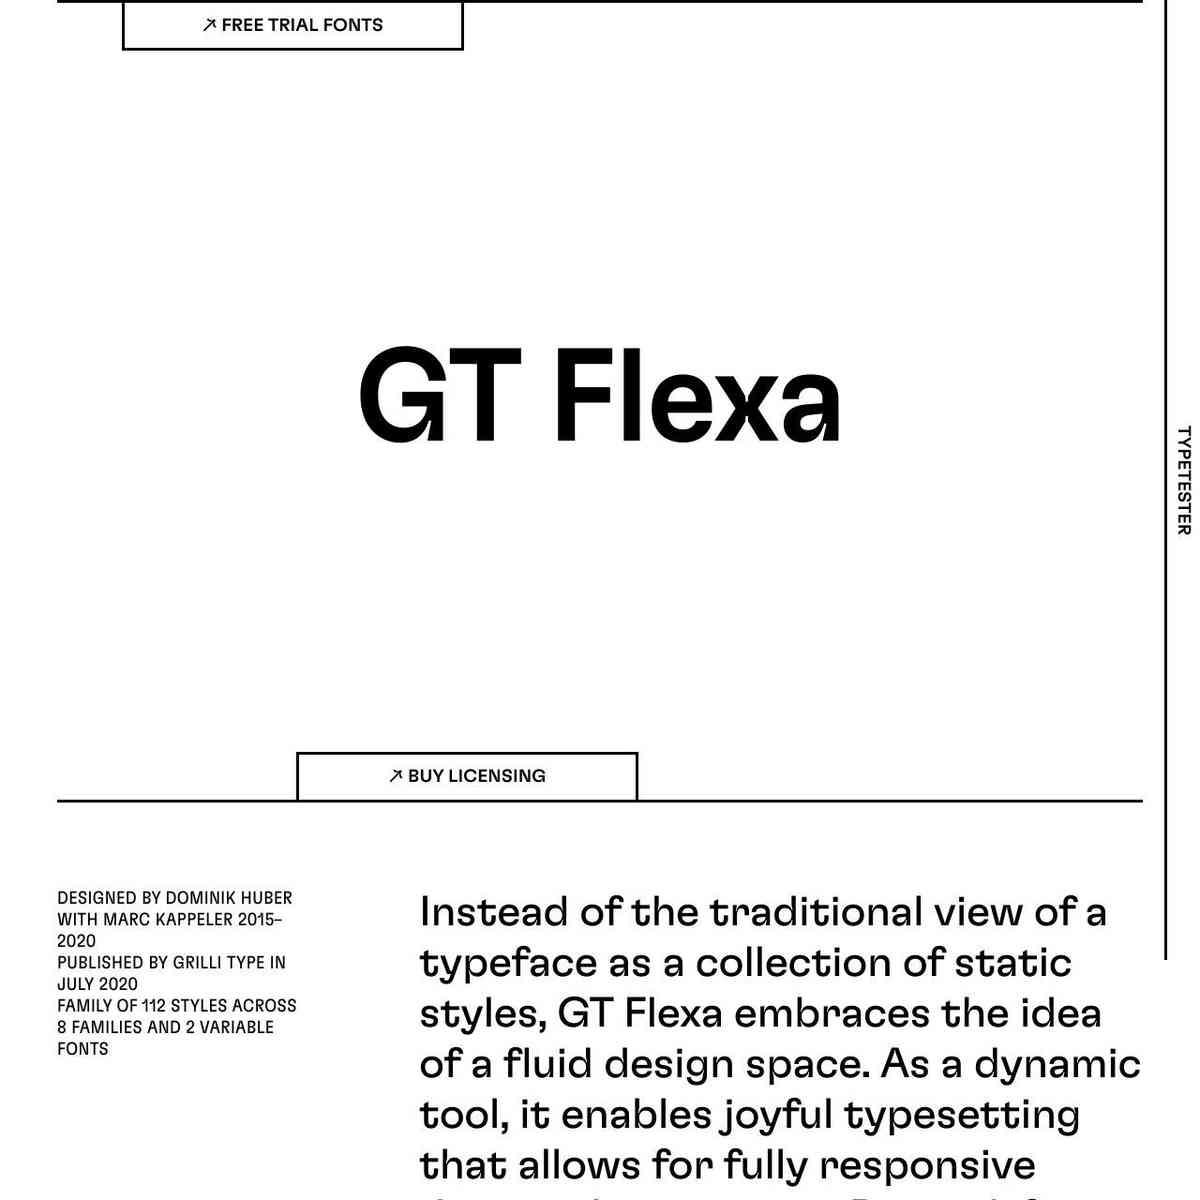 GT Flexa